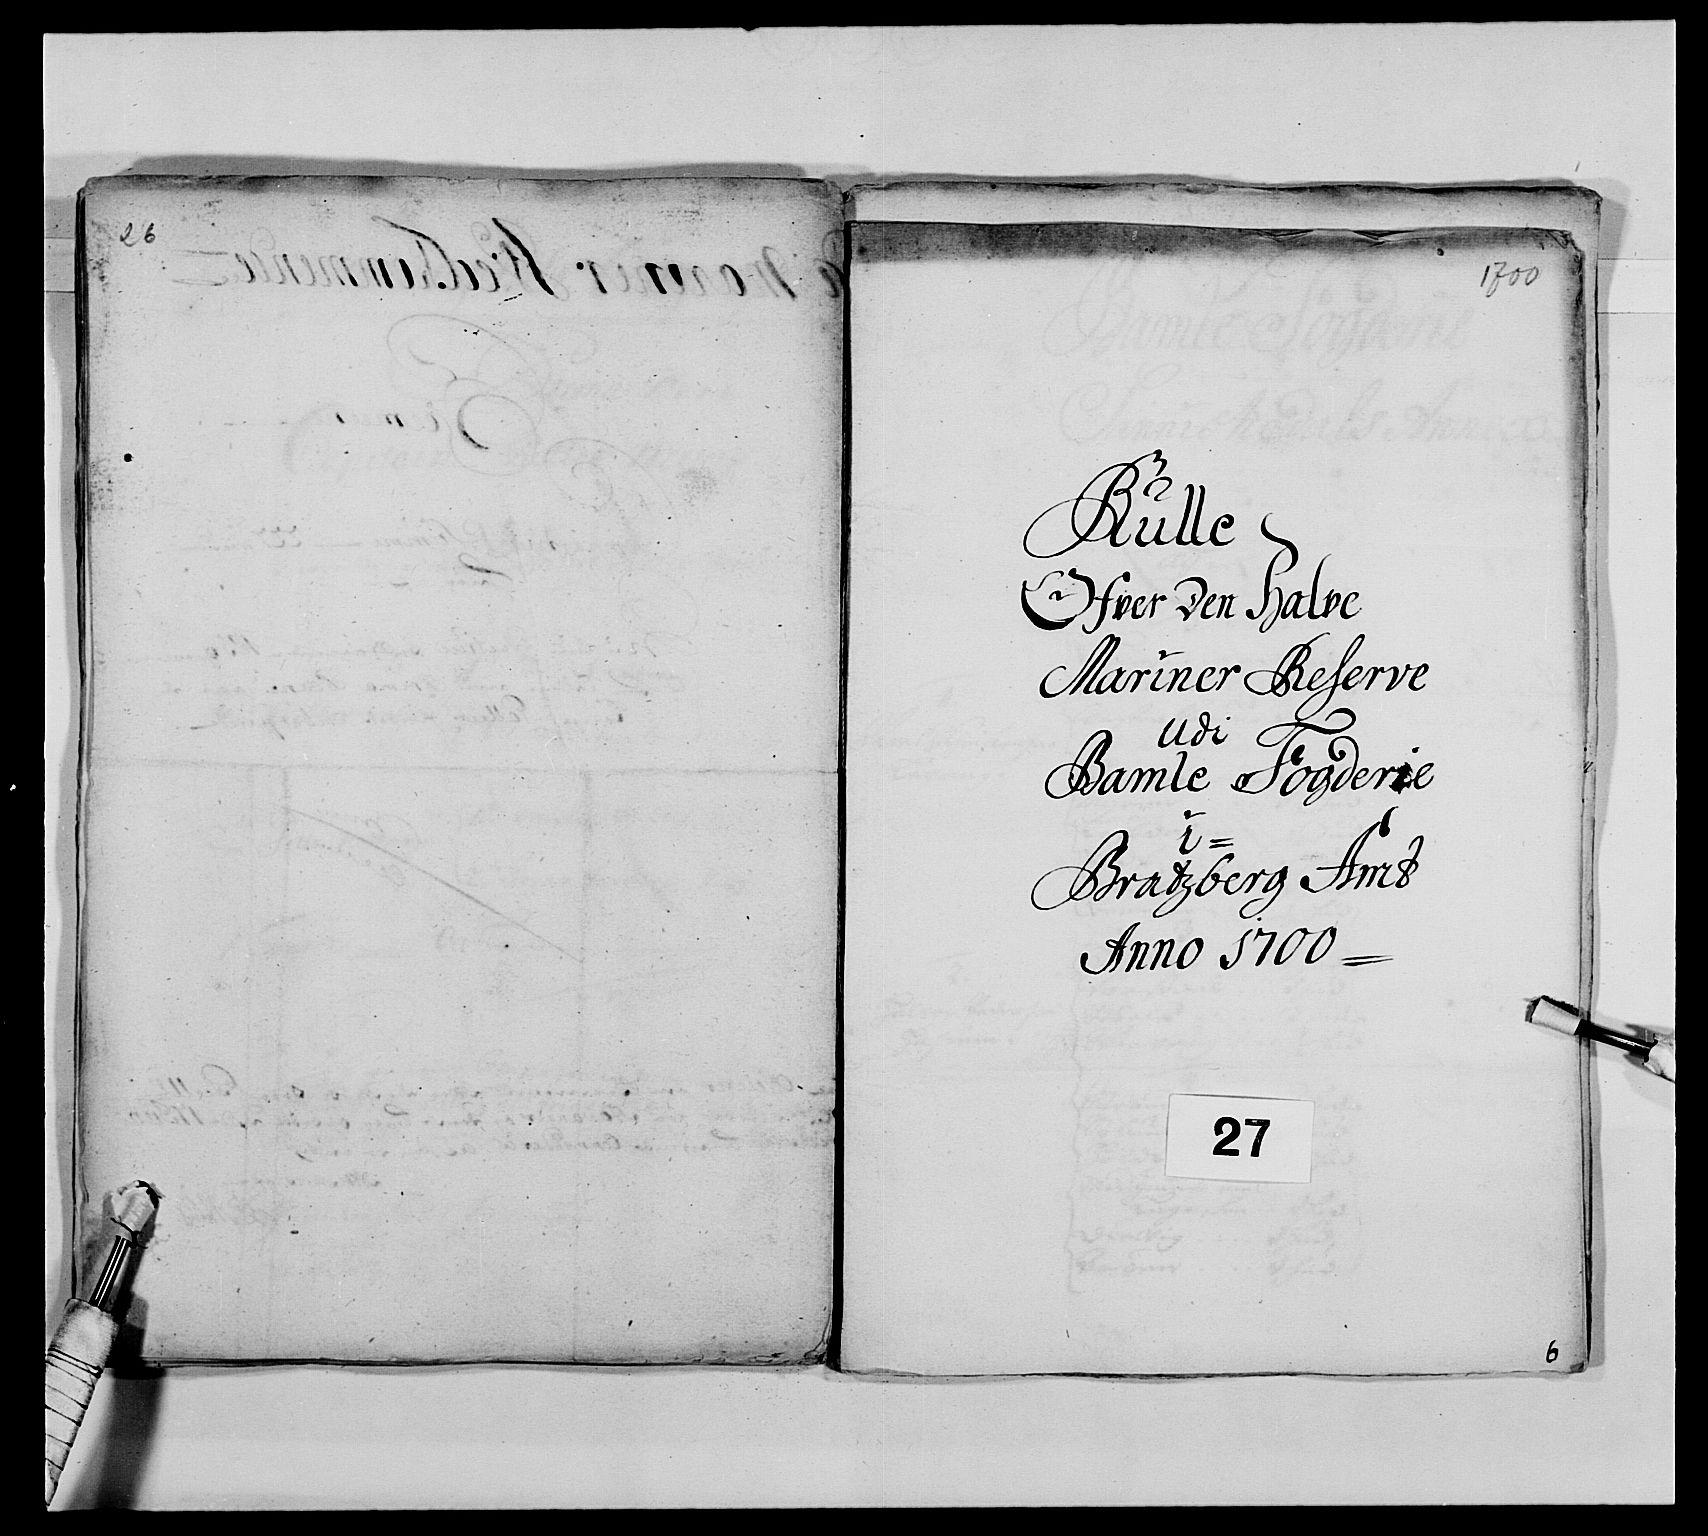 RA, Kommanderende general (KG I) med Det norske krigsdirektorium, E/Ea/L0473: Marineregimentet, 1664-1700, s. 296